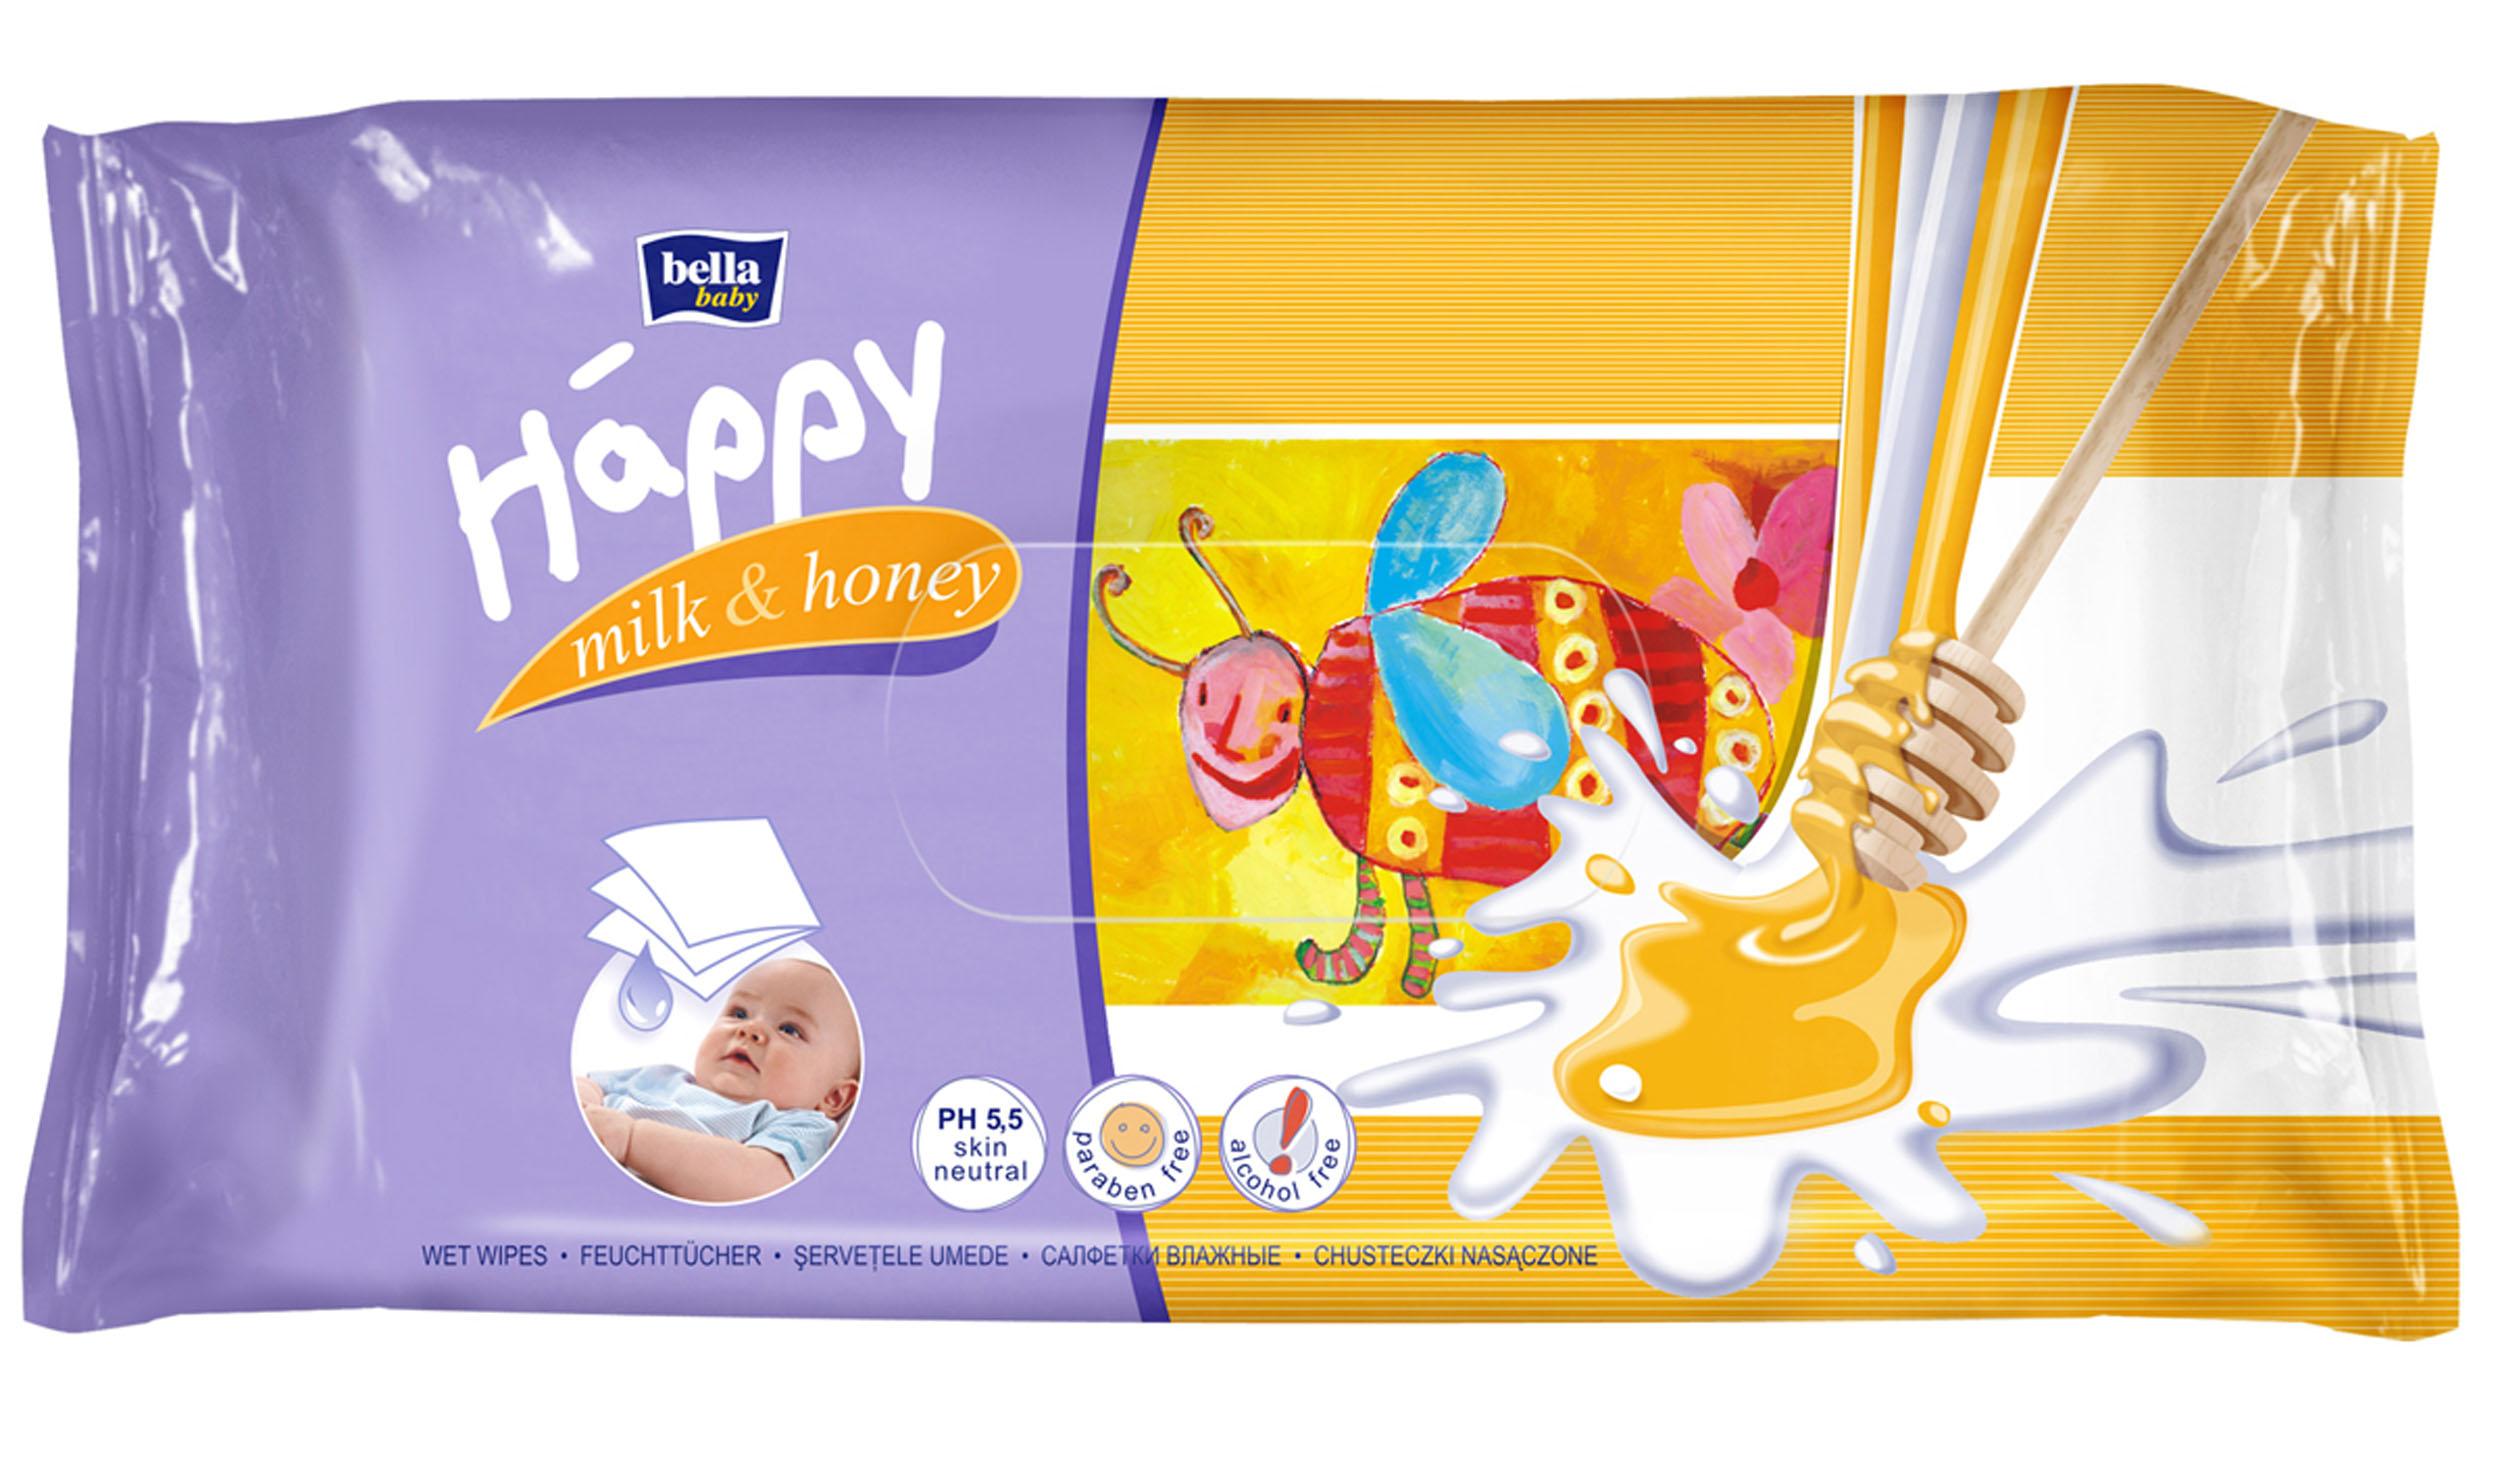 Bella Влажные салфетки Baby Happy Молоко и мед, 64 штBB-062-WM64-003Влажные салфетки Bella Baby Happy Молоко и Мед содержат молочный протеин, а также экстракт меда. Природные молочные протеины тщательно очищают и увлажняют кожу, а экстракт меда смягчает покраснения и раздражения. Салфетки обладают нейтральным pH, благодаря чему сохраняется естественный защитный барьер кожи. Предназначенные для ухода за всем телом младенцев и детей. Салфетки не содержат спирта. Товар сертифицирован.